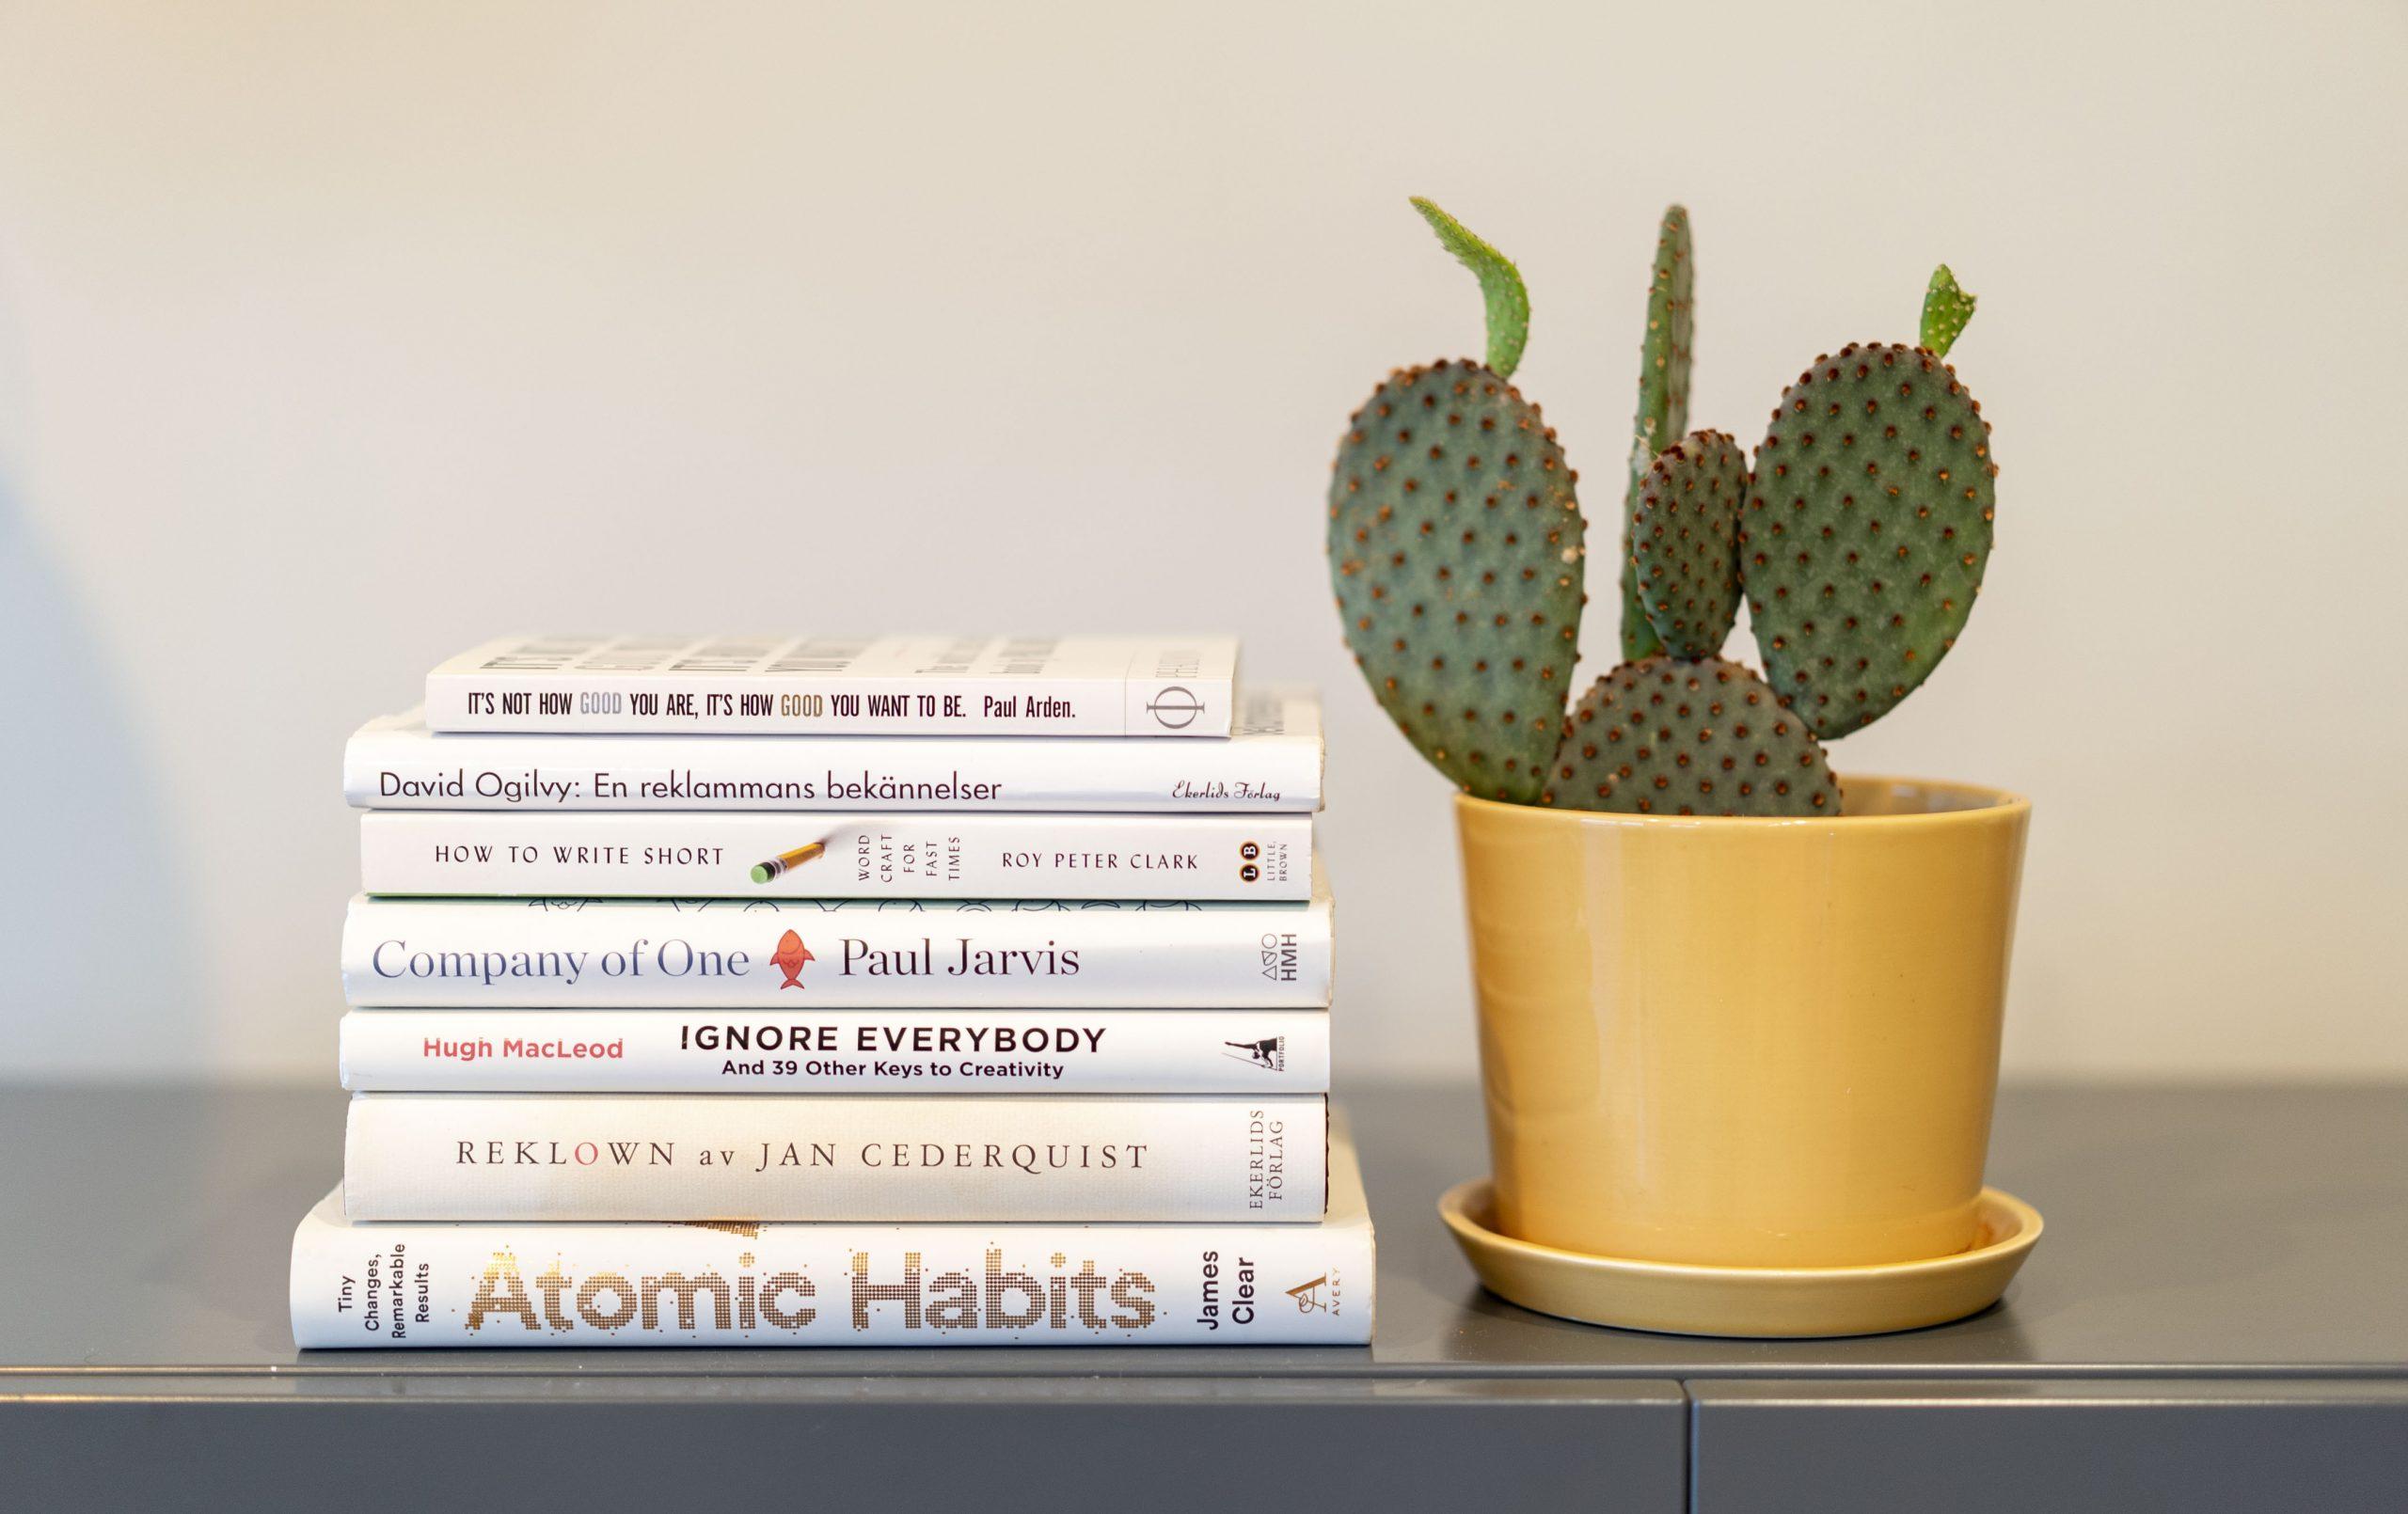 Boken Atomic Habits av James Clear och ett gäng andra böcker ligger på en byrå bredvid en kaktus i en gul kruka